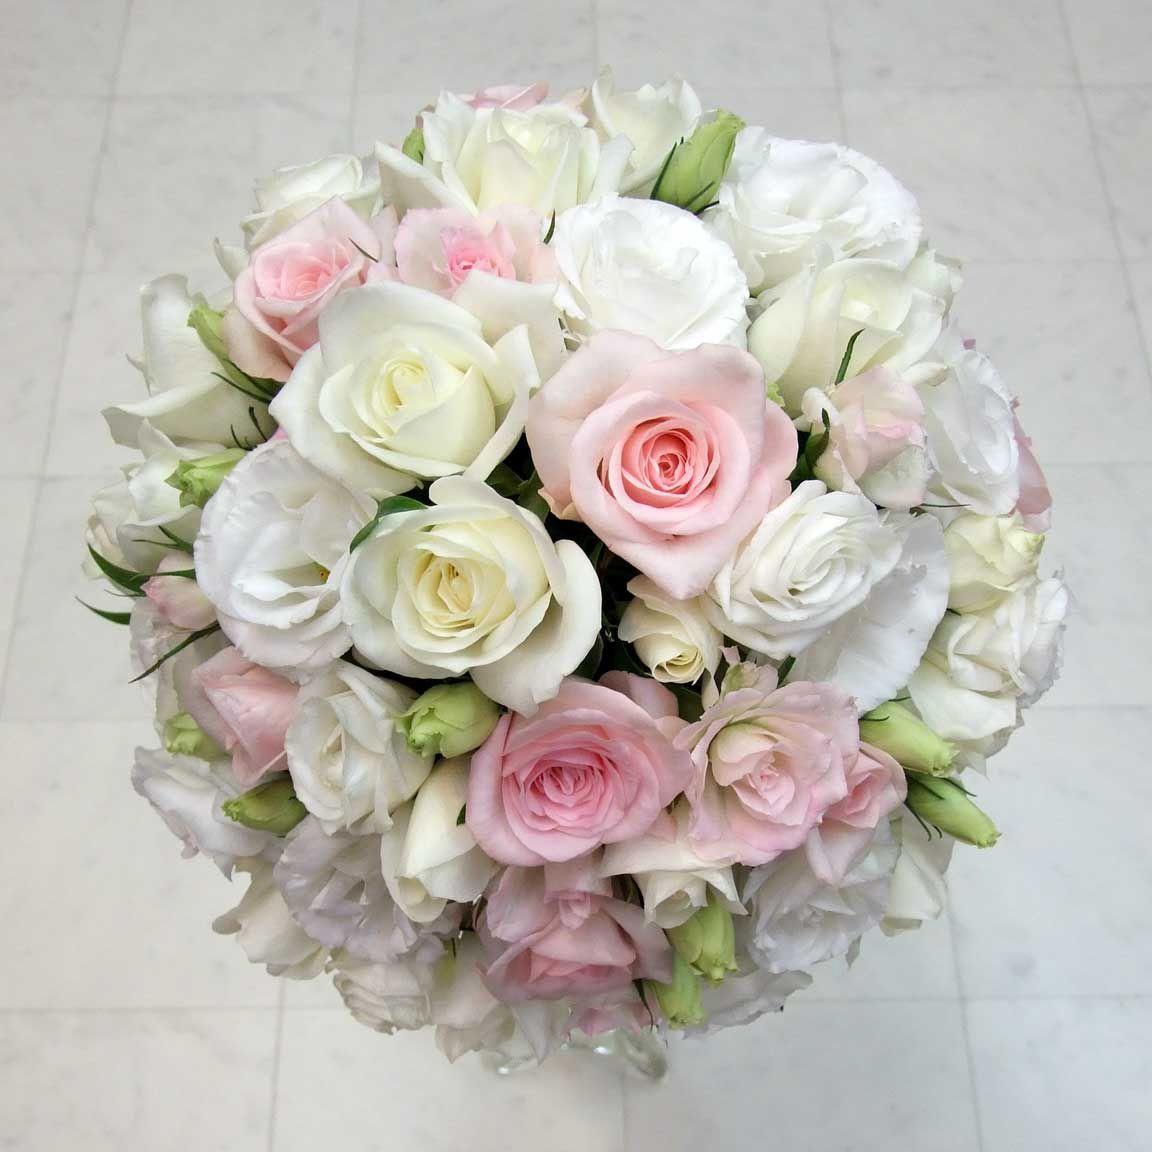 Букет, круглые свадебные букеты минск цены